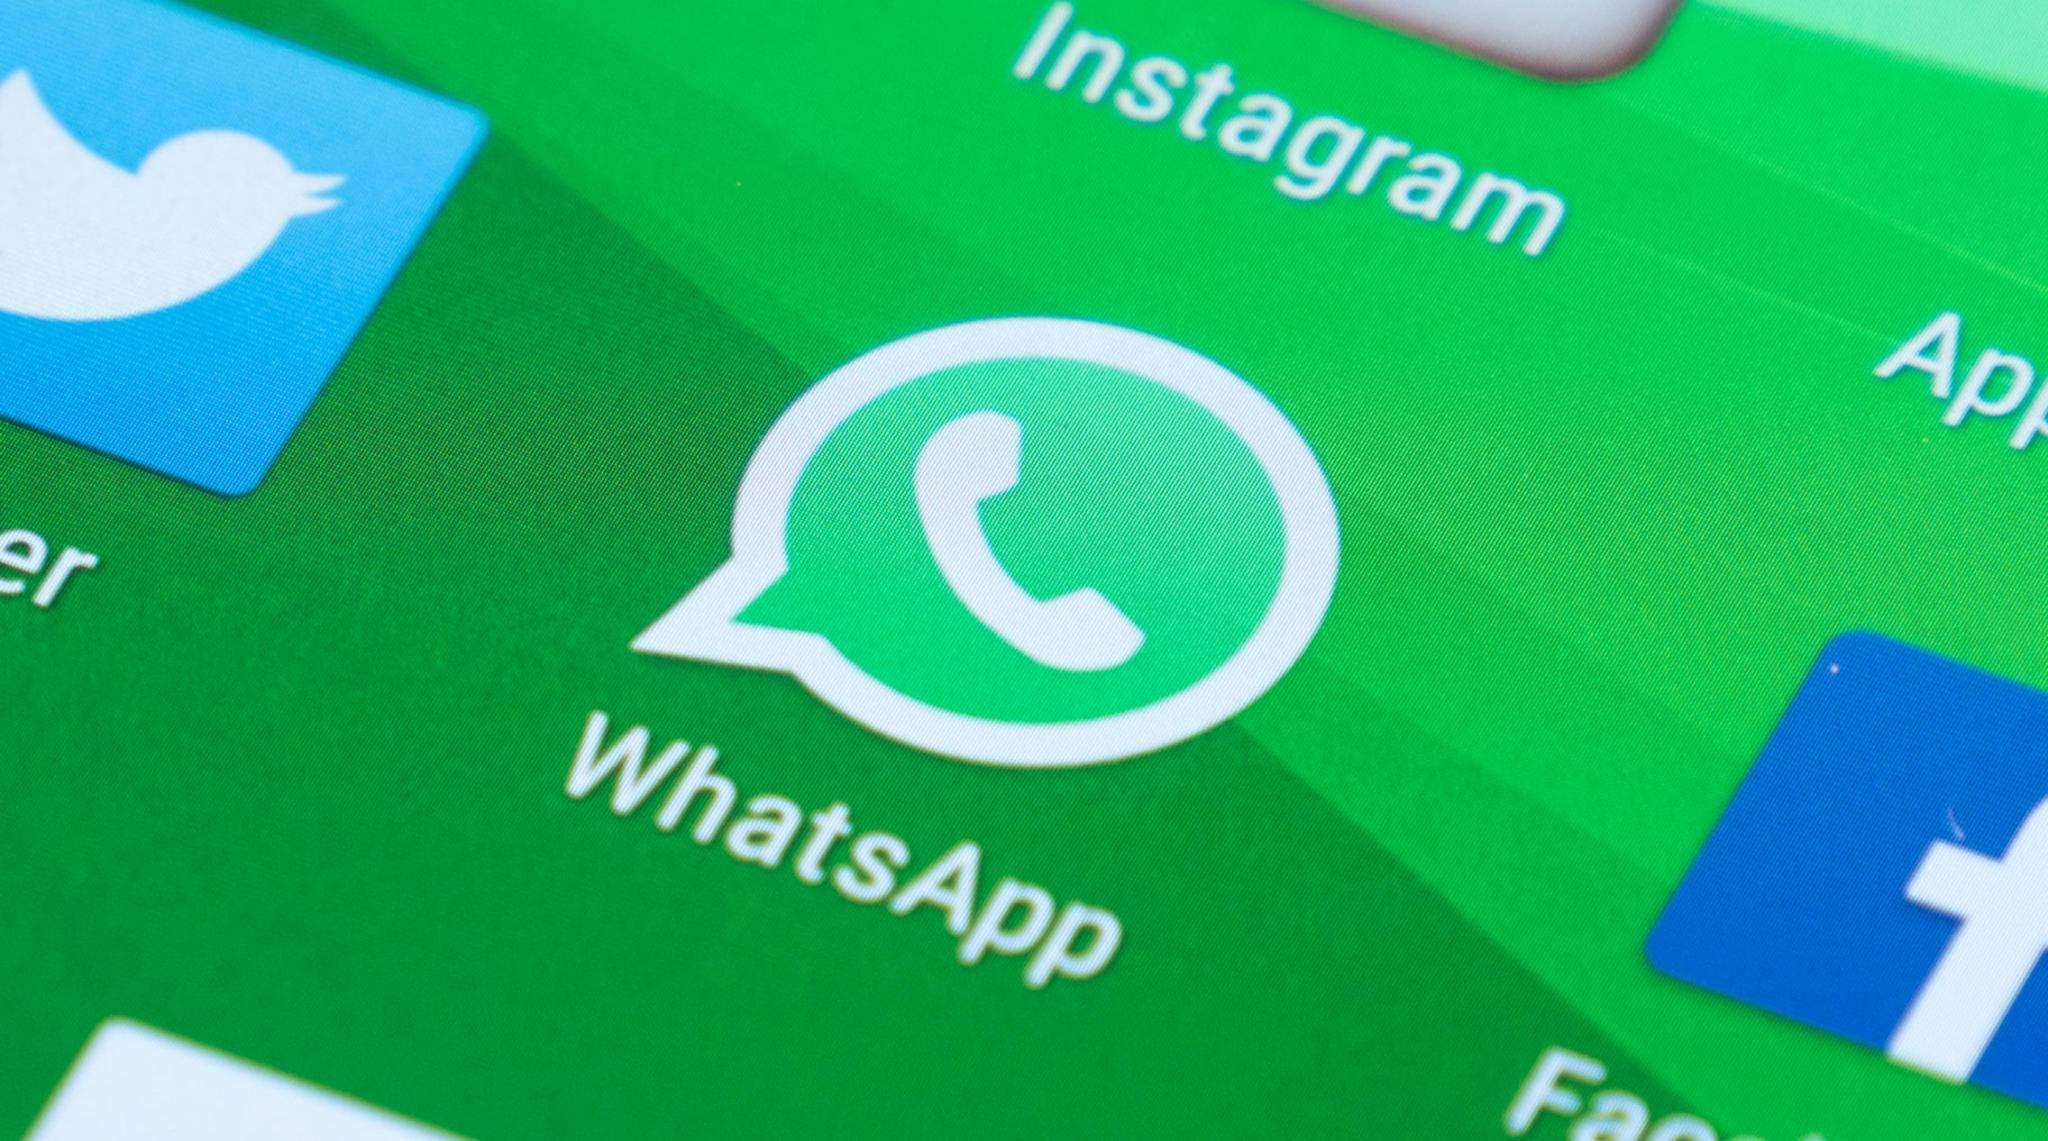 WhatsApp soll zukünftig das Löschen bereits verschickter Nachrichten ermöglichen.